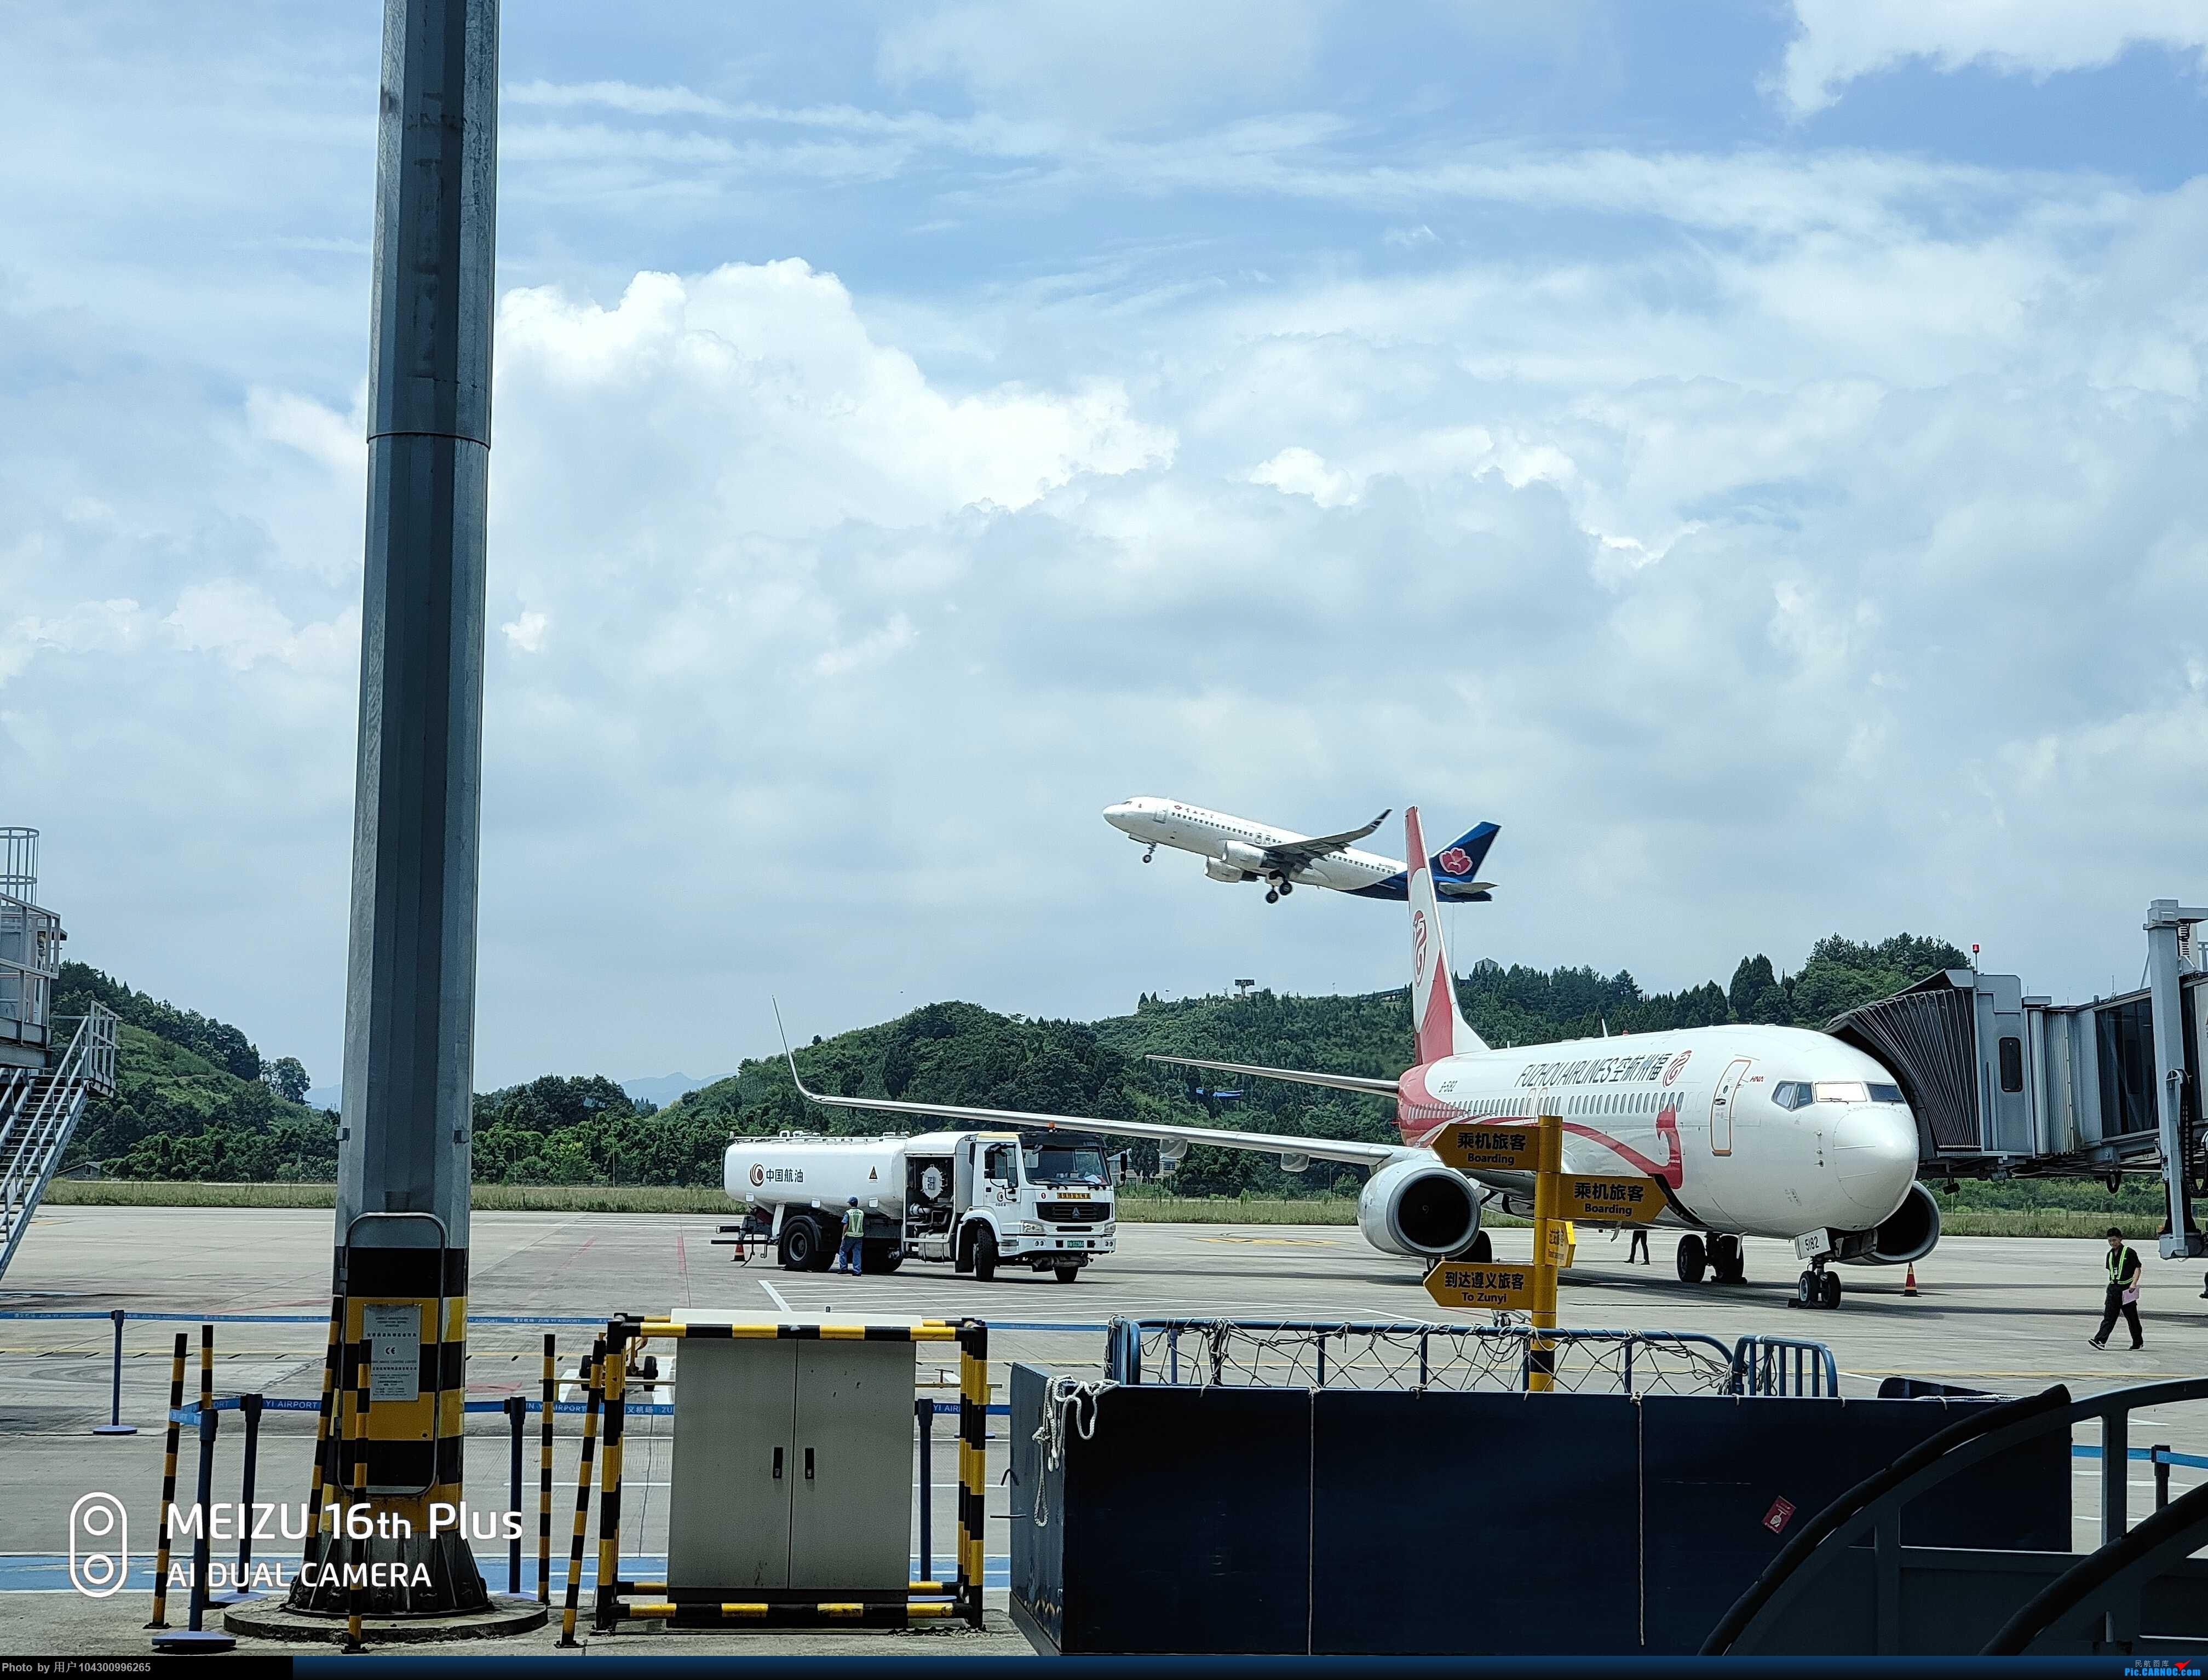 Re:[原创]DM游记之FU遵义--桂林 AIRBUS A320-200 B-9956 中国遵义新舟机场